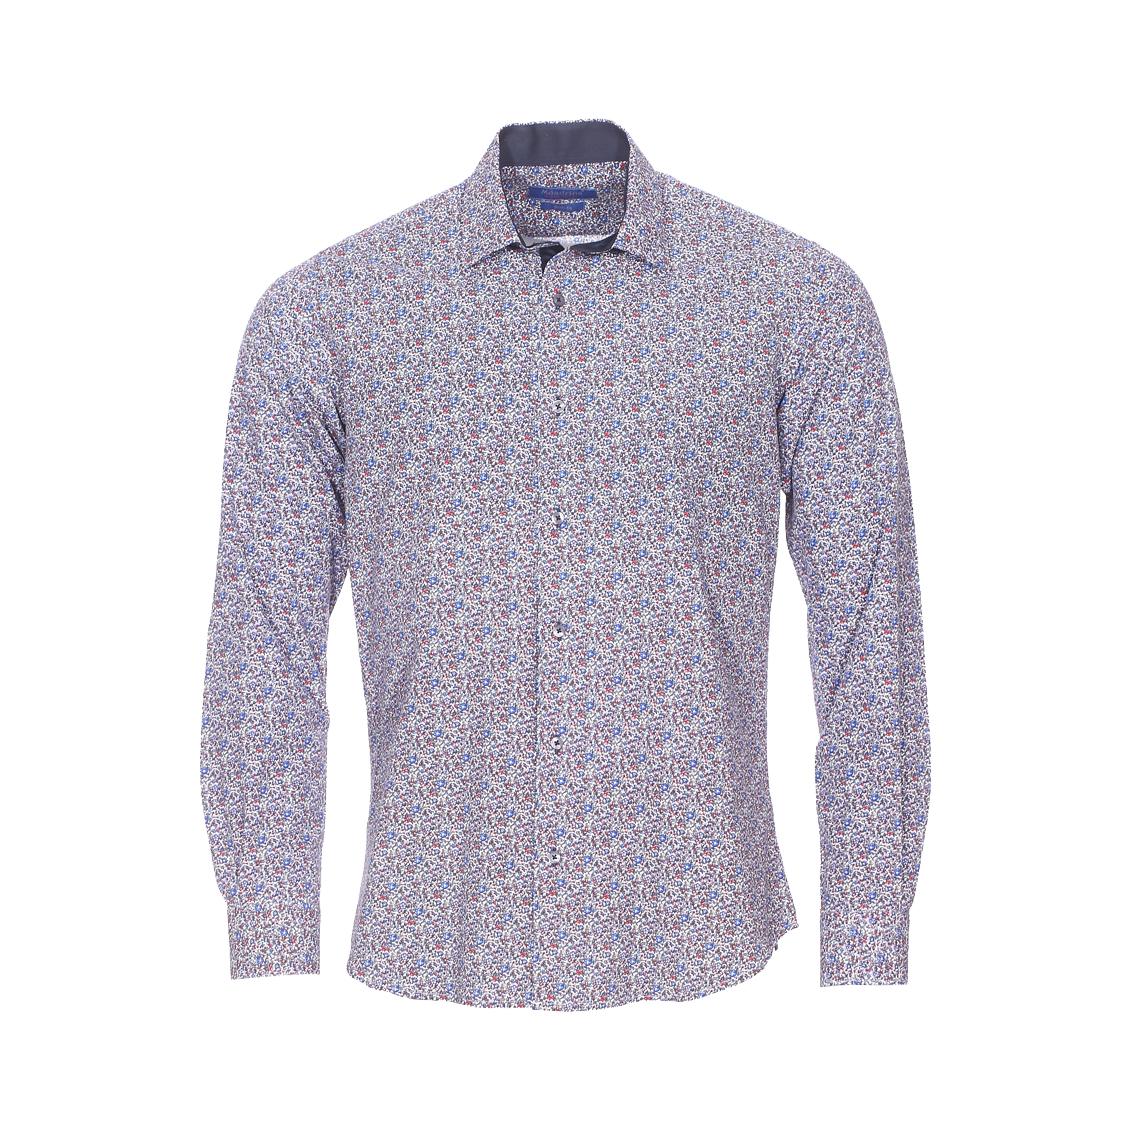 Chemise cintrée  en coton blanc à fleurs bleues, rouges et grises